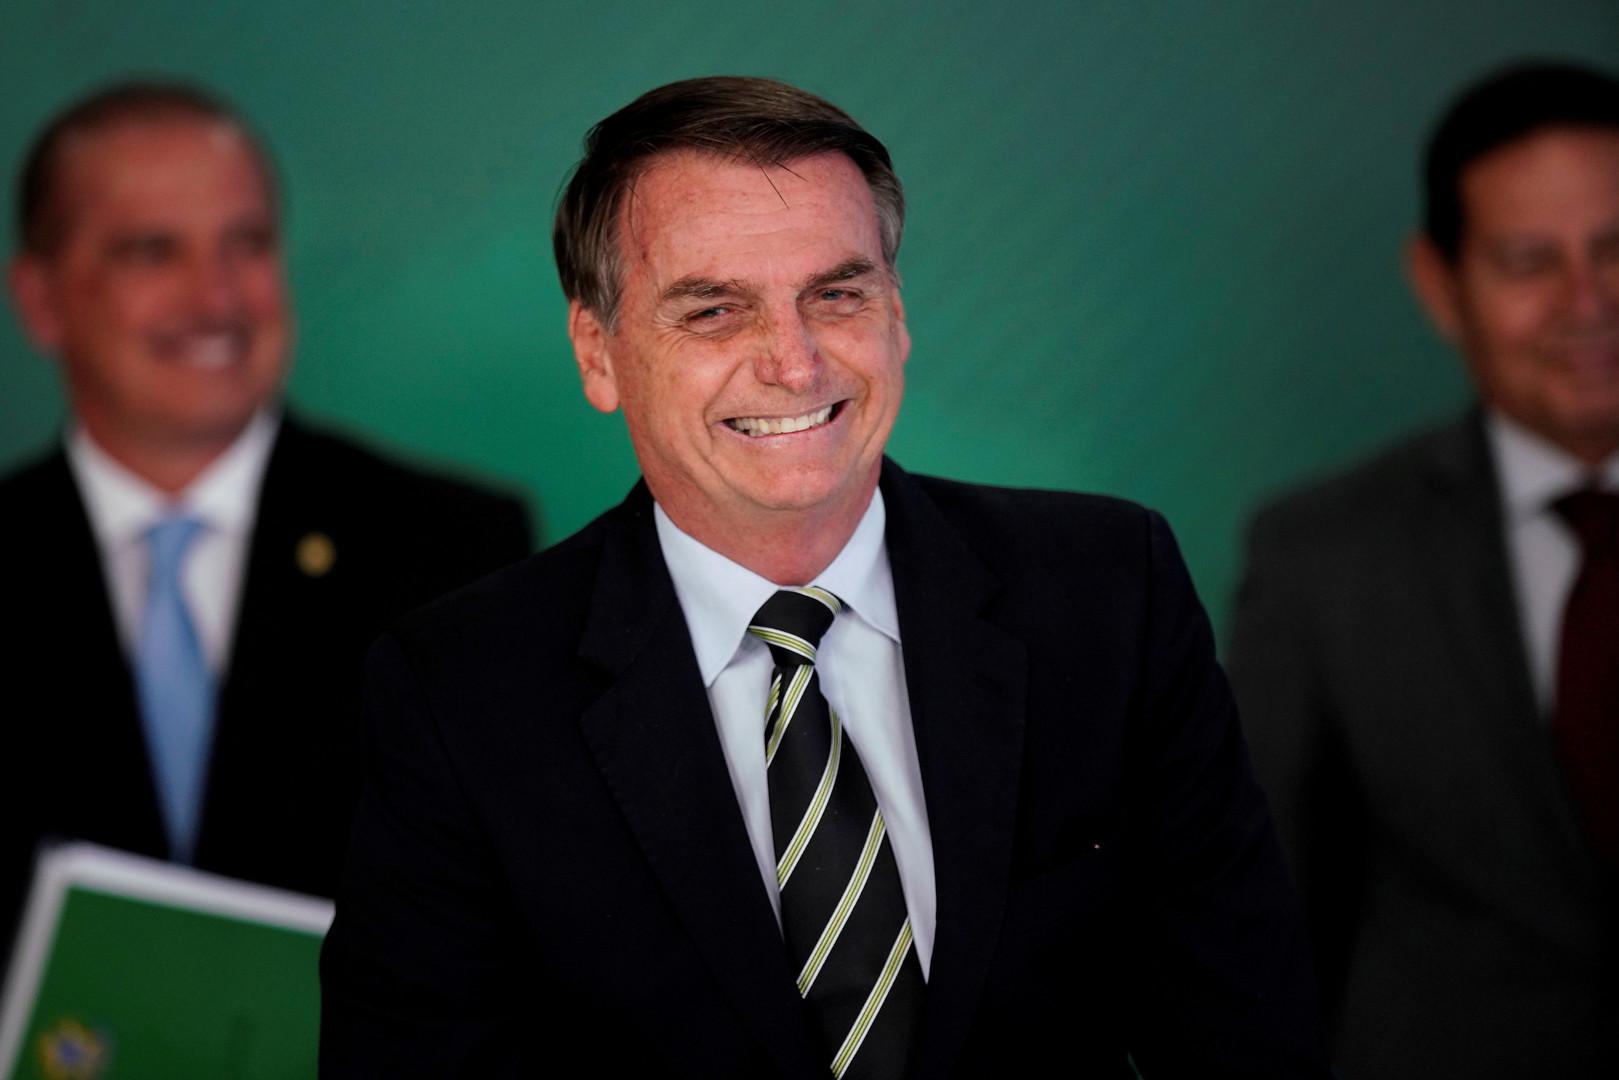 الرئيس البرازيلي يقيل ثالث وزير في غضون 6 أشهر